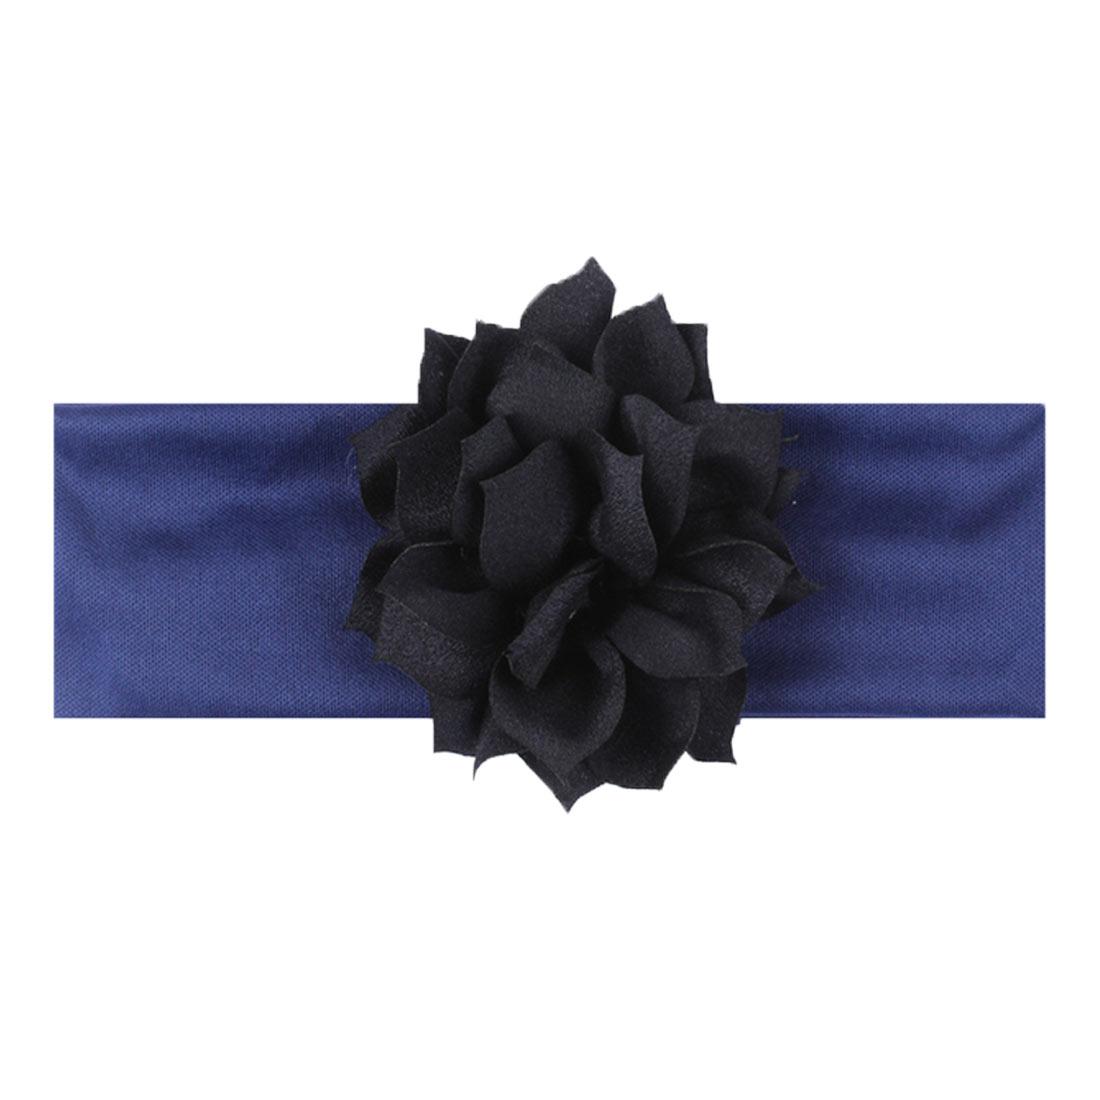 Baby-Bow-Nylon-Headband-Soft-Stretch-Flower-Nylon-Headband-Children-039-s-Headband thumbnail 7